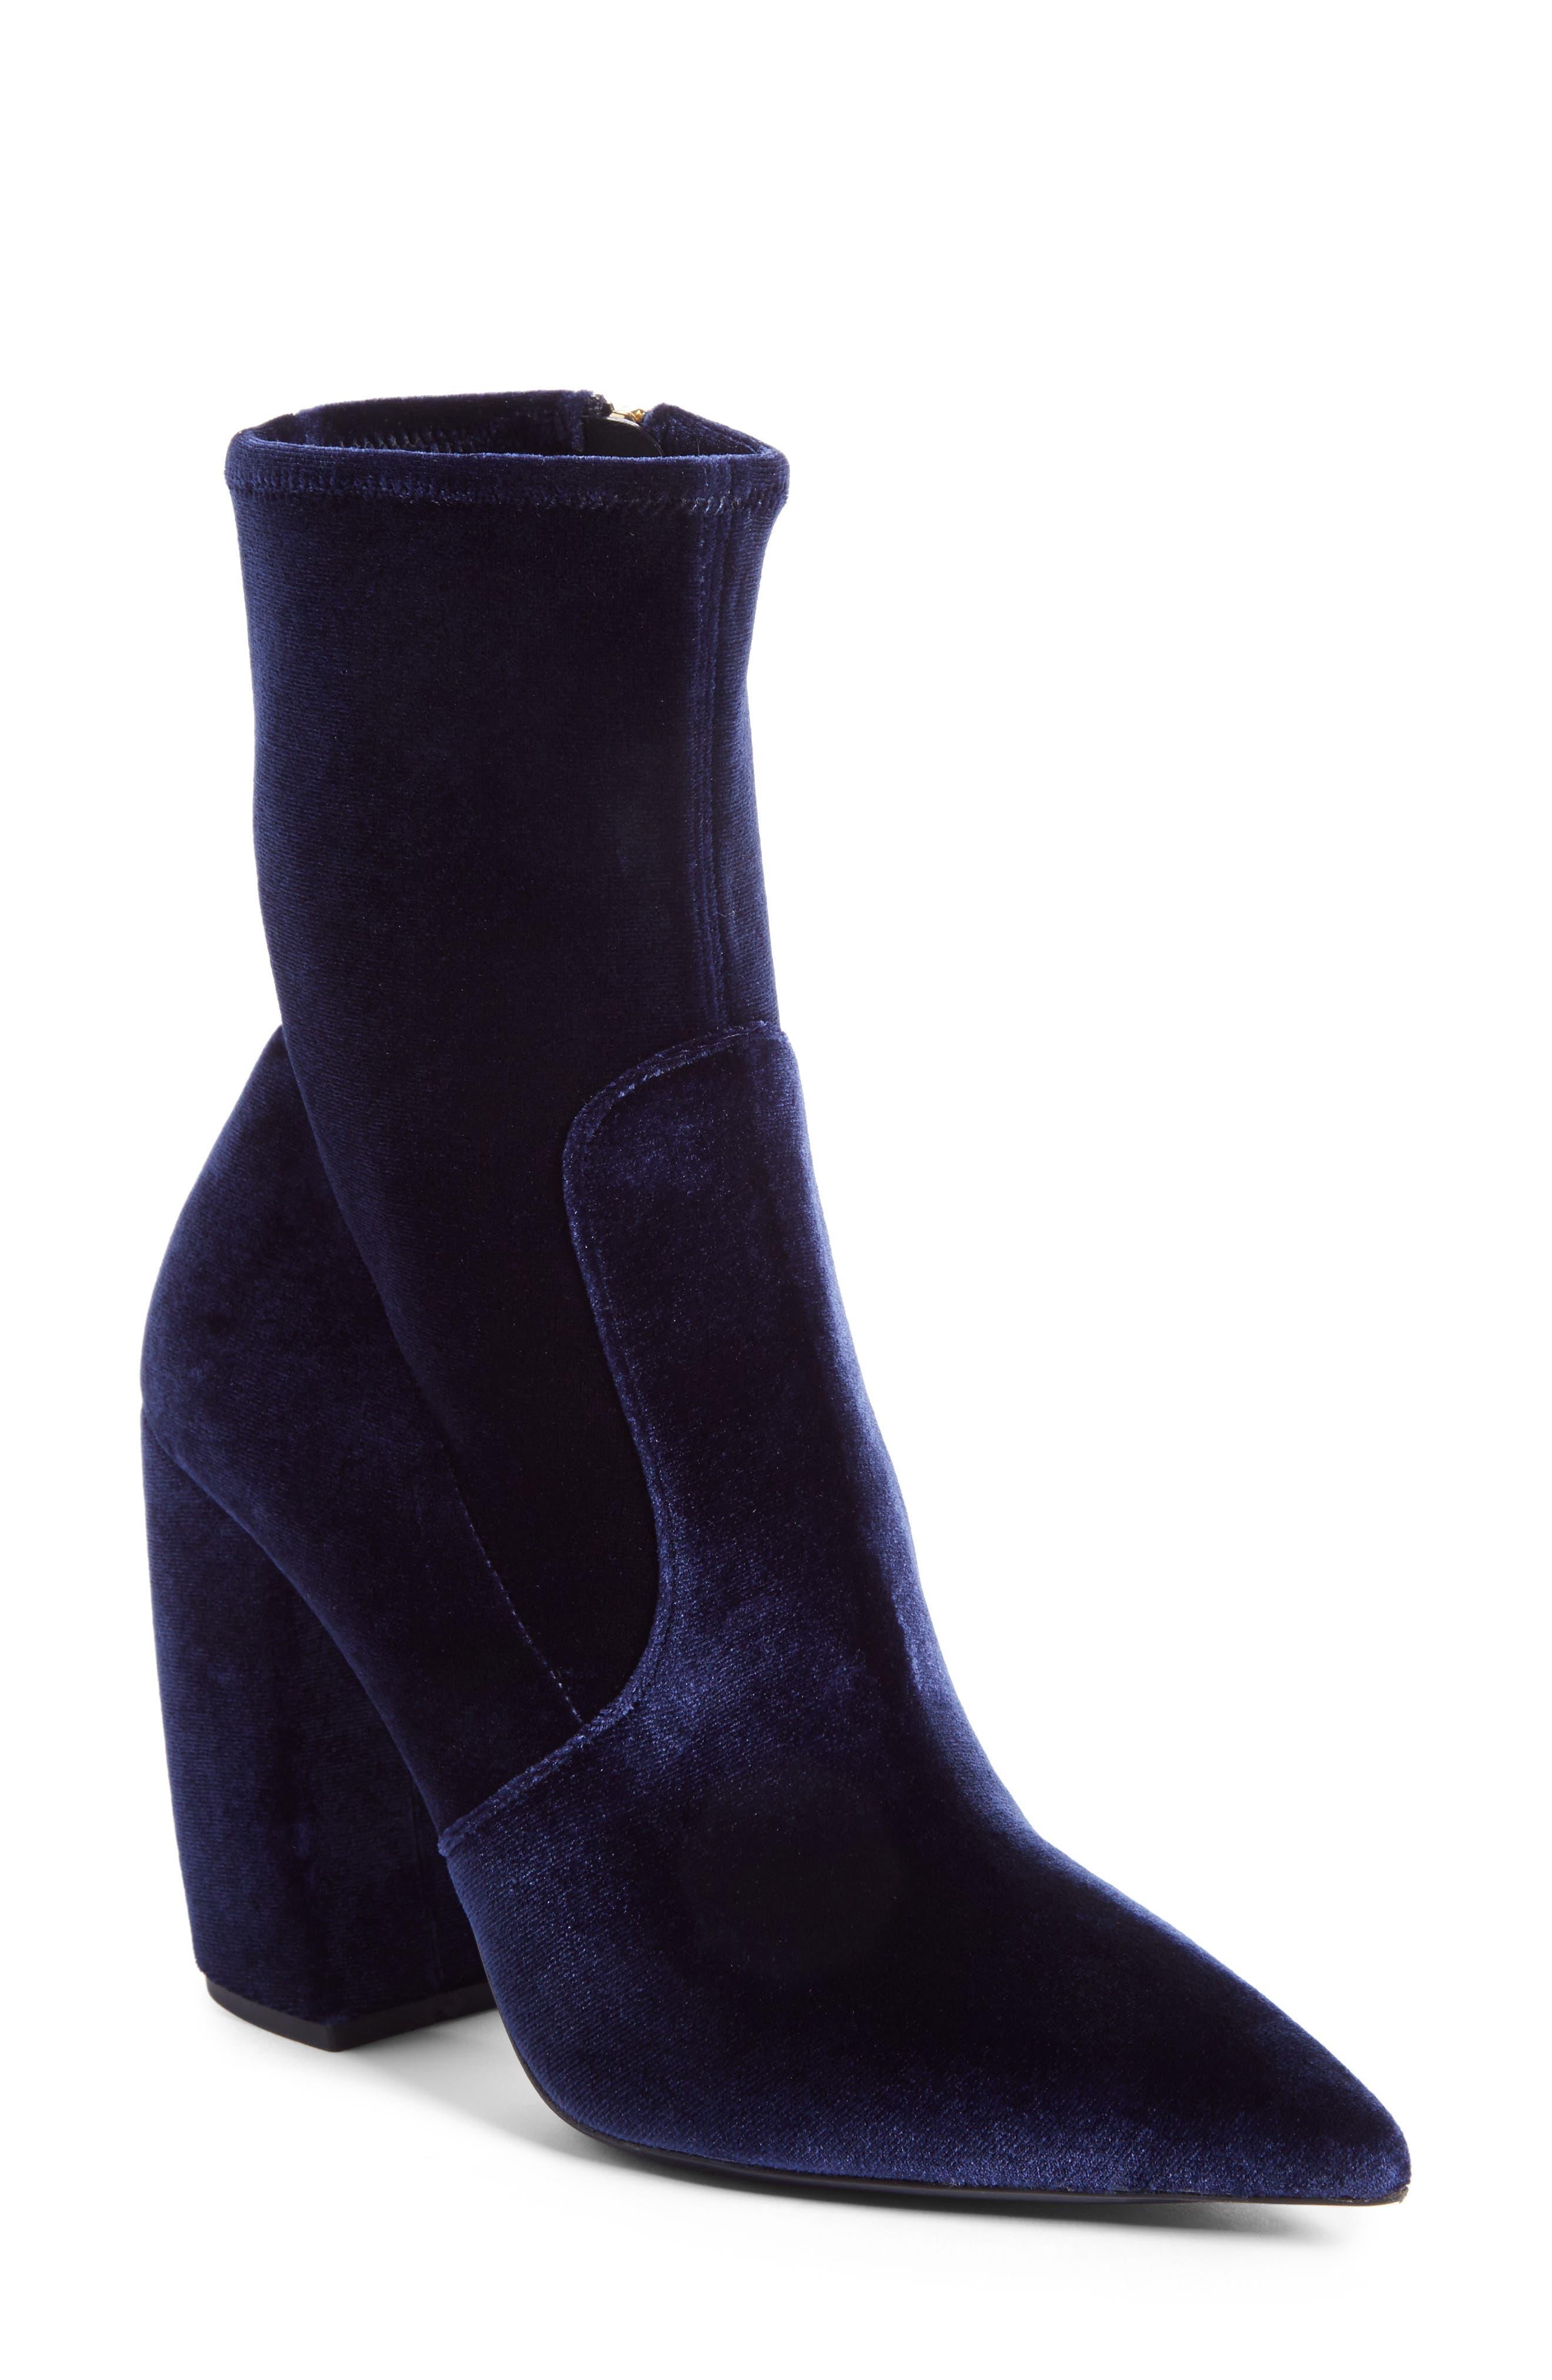 Alternate Image 1 Selected - Prada Block Heel Bootie (Women)